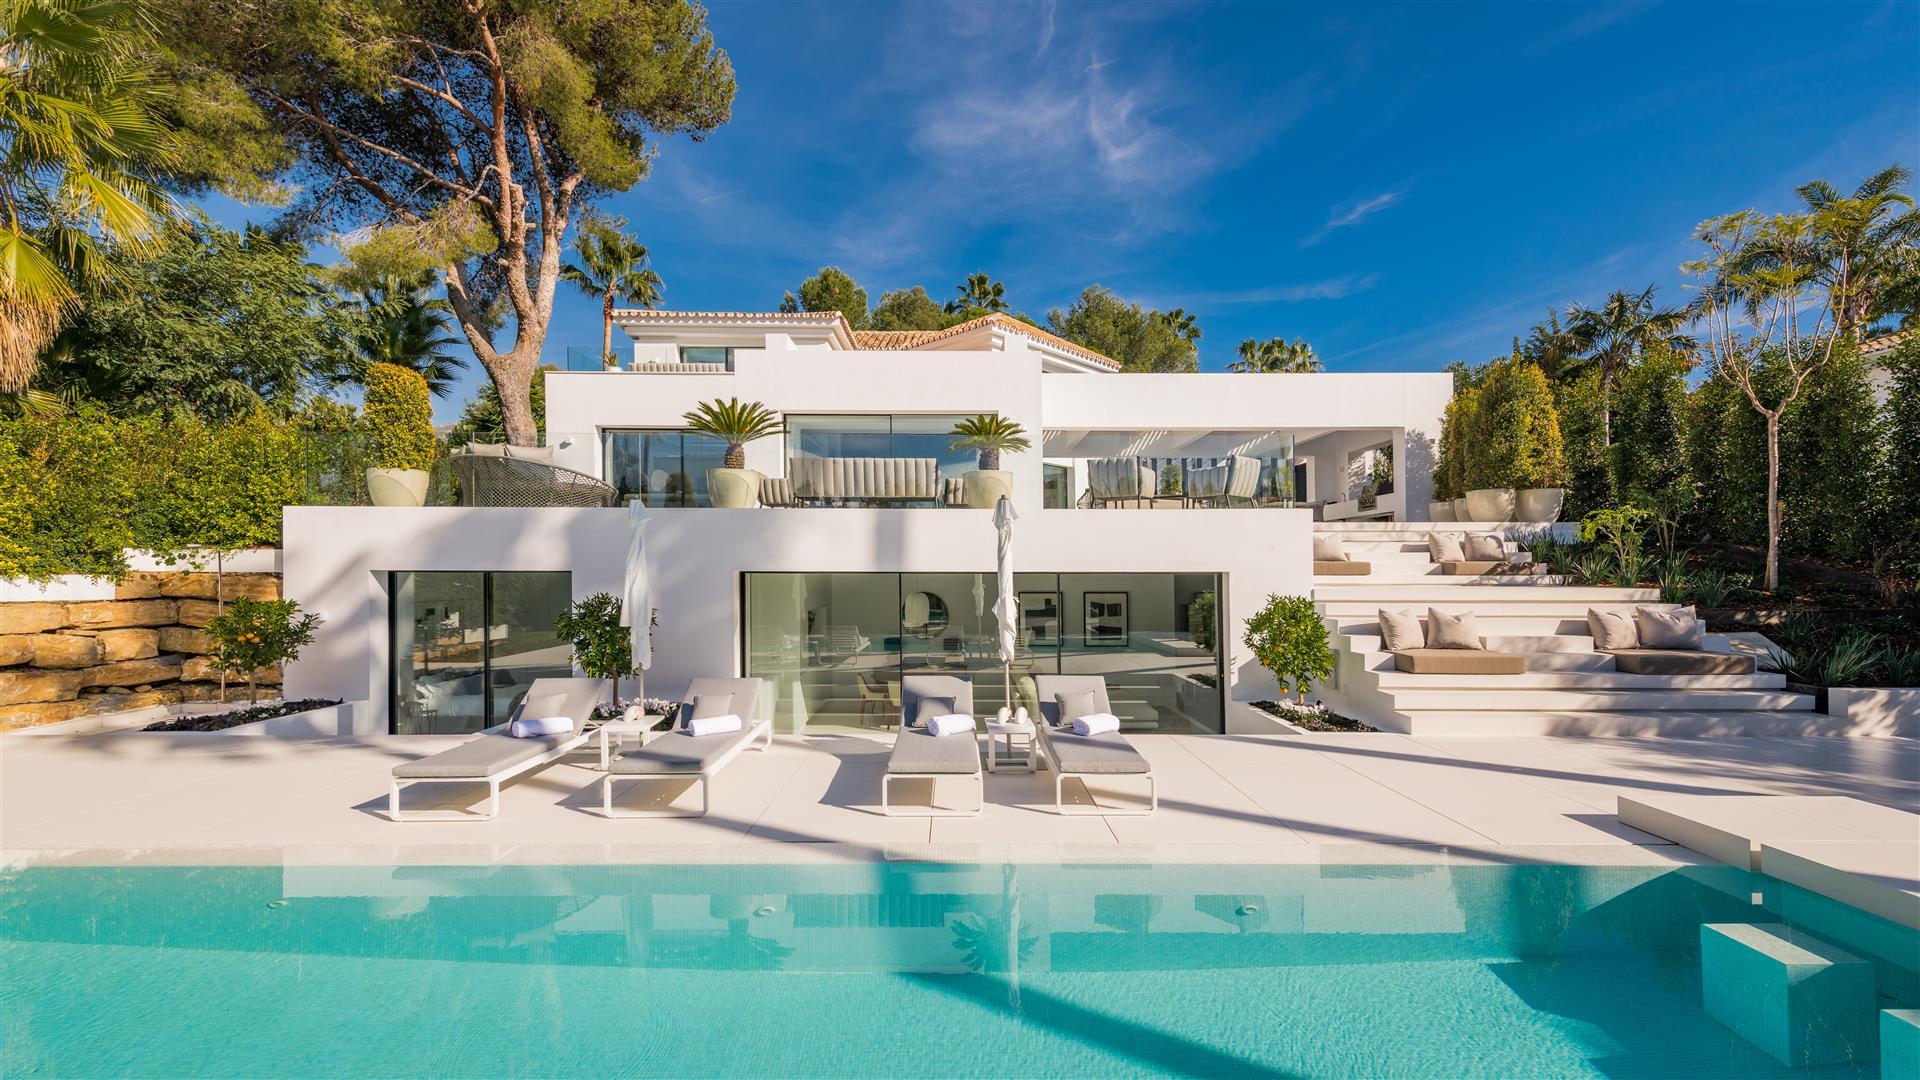 Villas Modernas